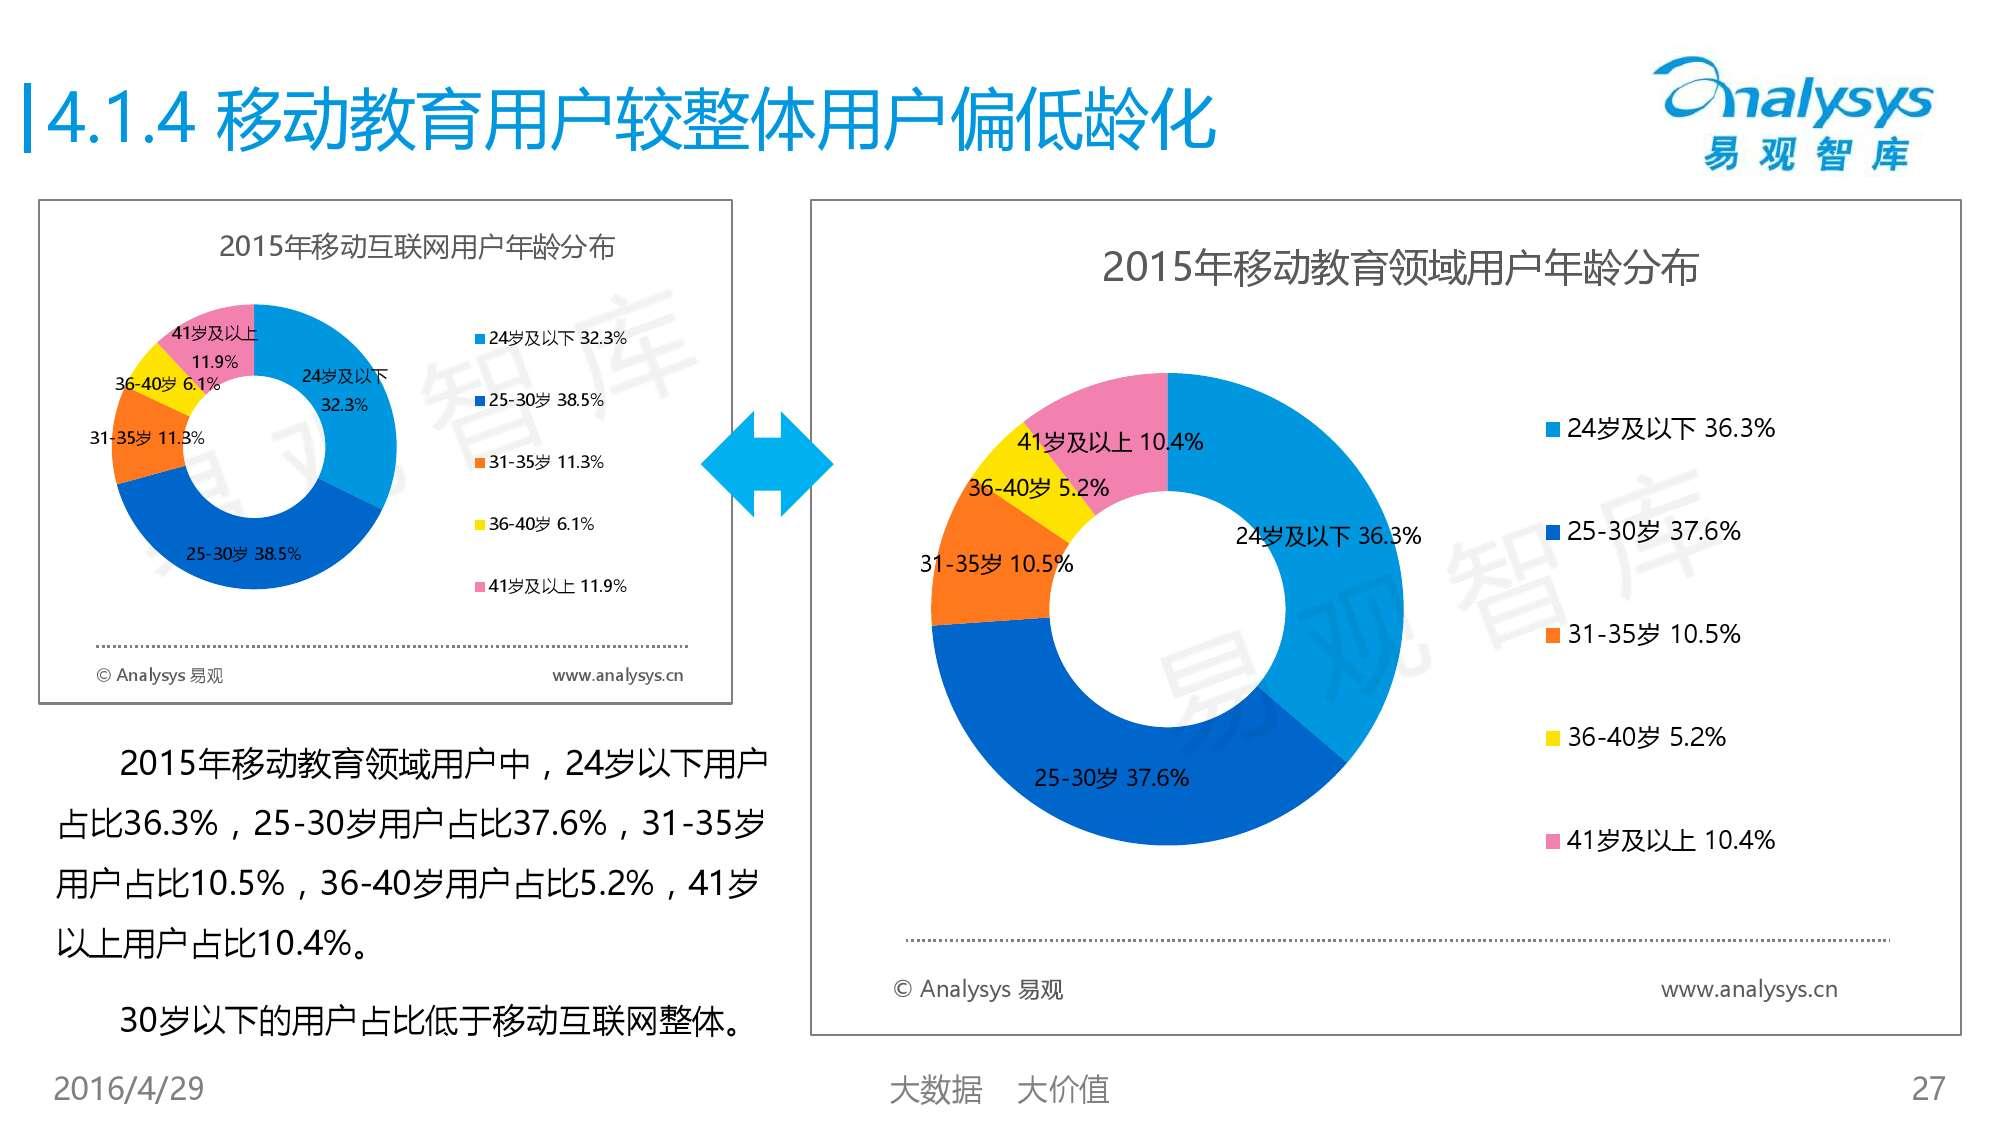 中国移动互联网用户行为统计报告2016_000027